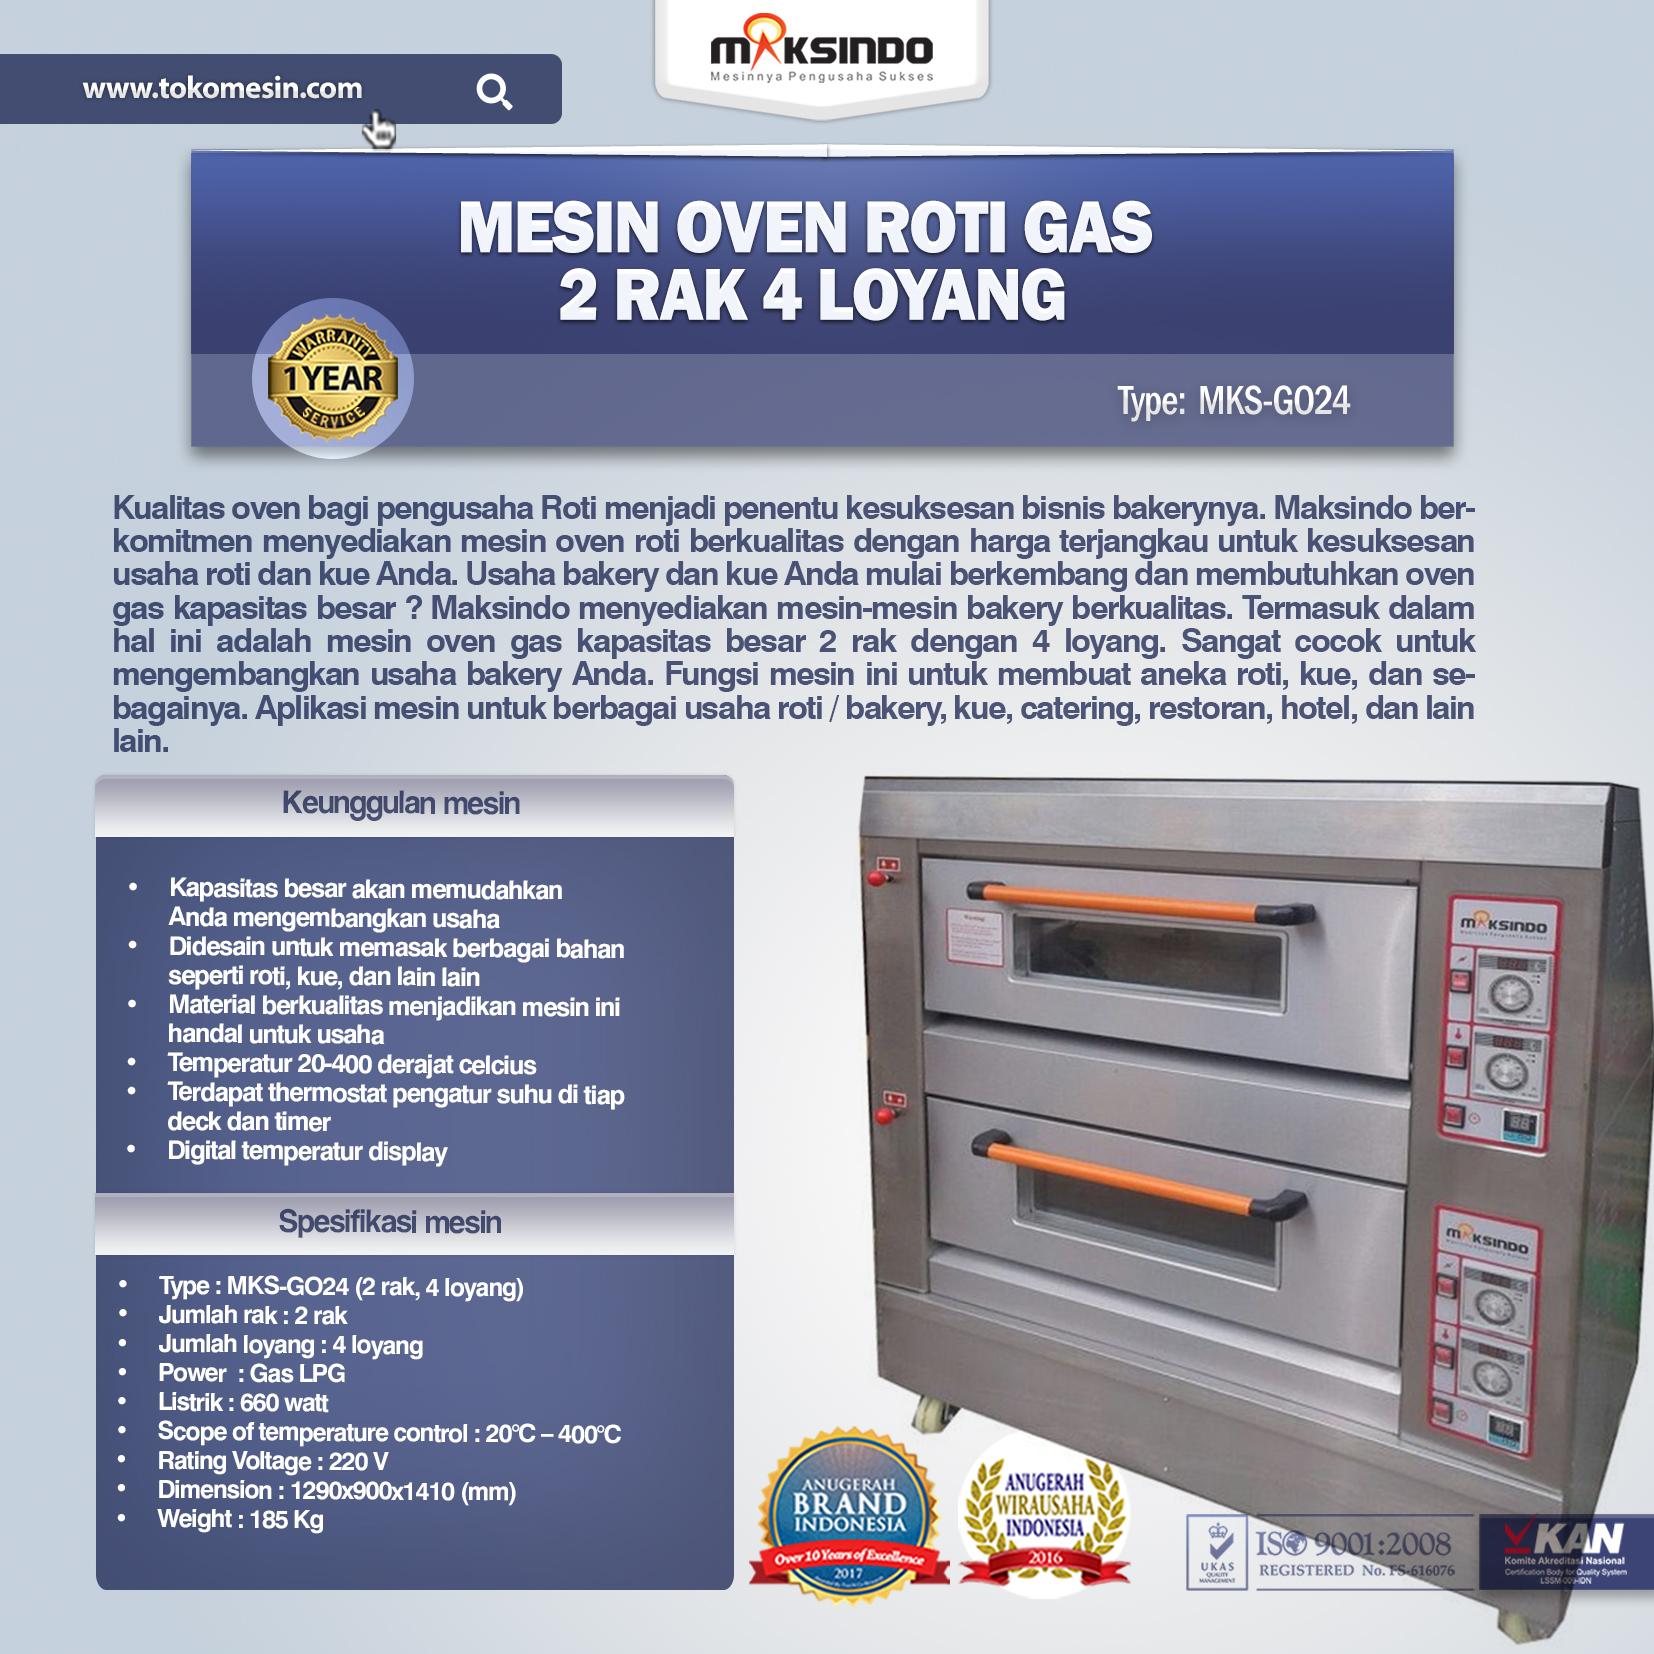 Jual Mesin Oven Roti Gas 2 Rak 4 Loyang GO24 Di Malang